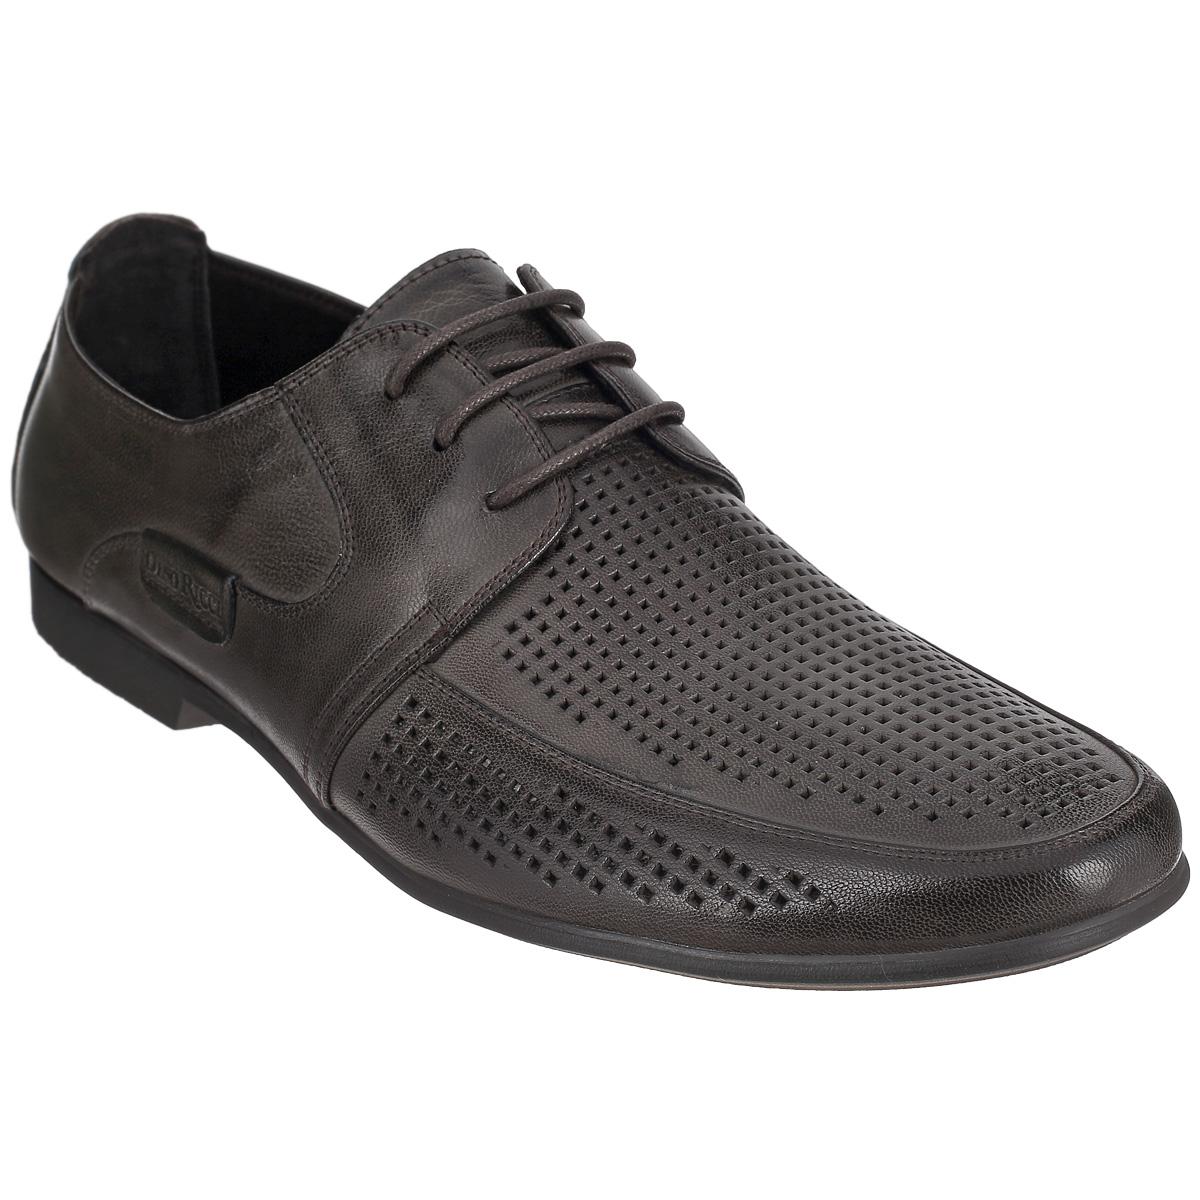 Туфли мужские. 104-145-39104-145-39Элегантные мужские туфли от Dino Ricci займут достойное место среди вашей коллекции обуви. Модель выполнена из натуральной высококачественной кожи и декорирована перфорацией на мысе. Сбоку туфли оформлены нашивкой с тиснением в виде названия бренда. Шнуровка позволяет прочно зафиксировать модель на ноге. Стелька EVA с поверхностью из натуральной кожи обеспечивает комфорт и амортизацию. Каблук и подошва с рифлением обеспечивают отличное сцепление с поверхностью. Стильные туфли прекрасно дополнят ваш деловой образ.